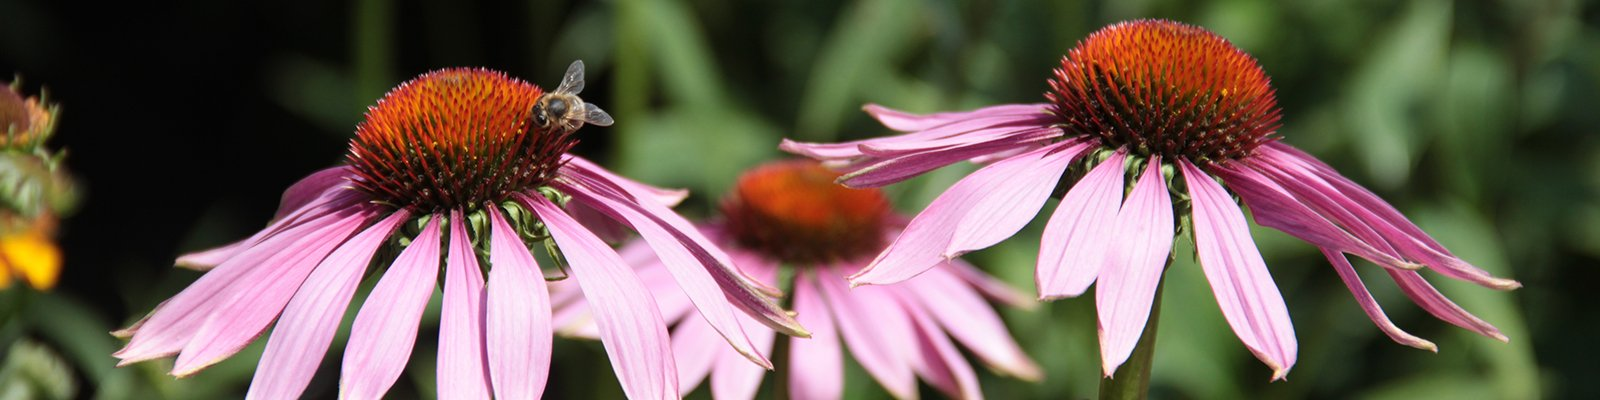 Rode zonnehoed, Echinacea purpurea in het themavak Komt een plant bij de dokter